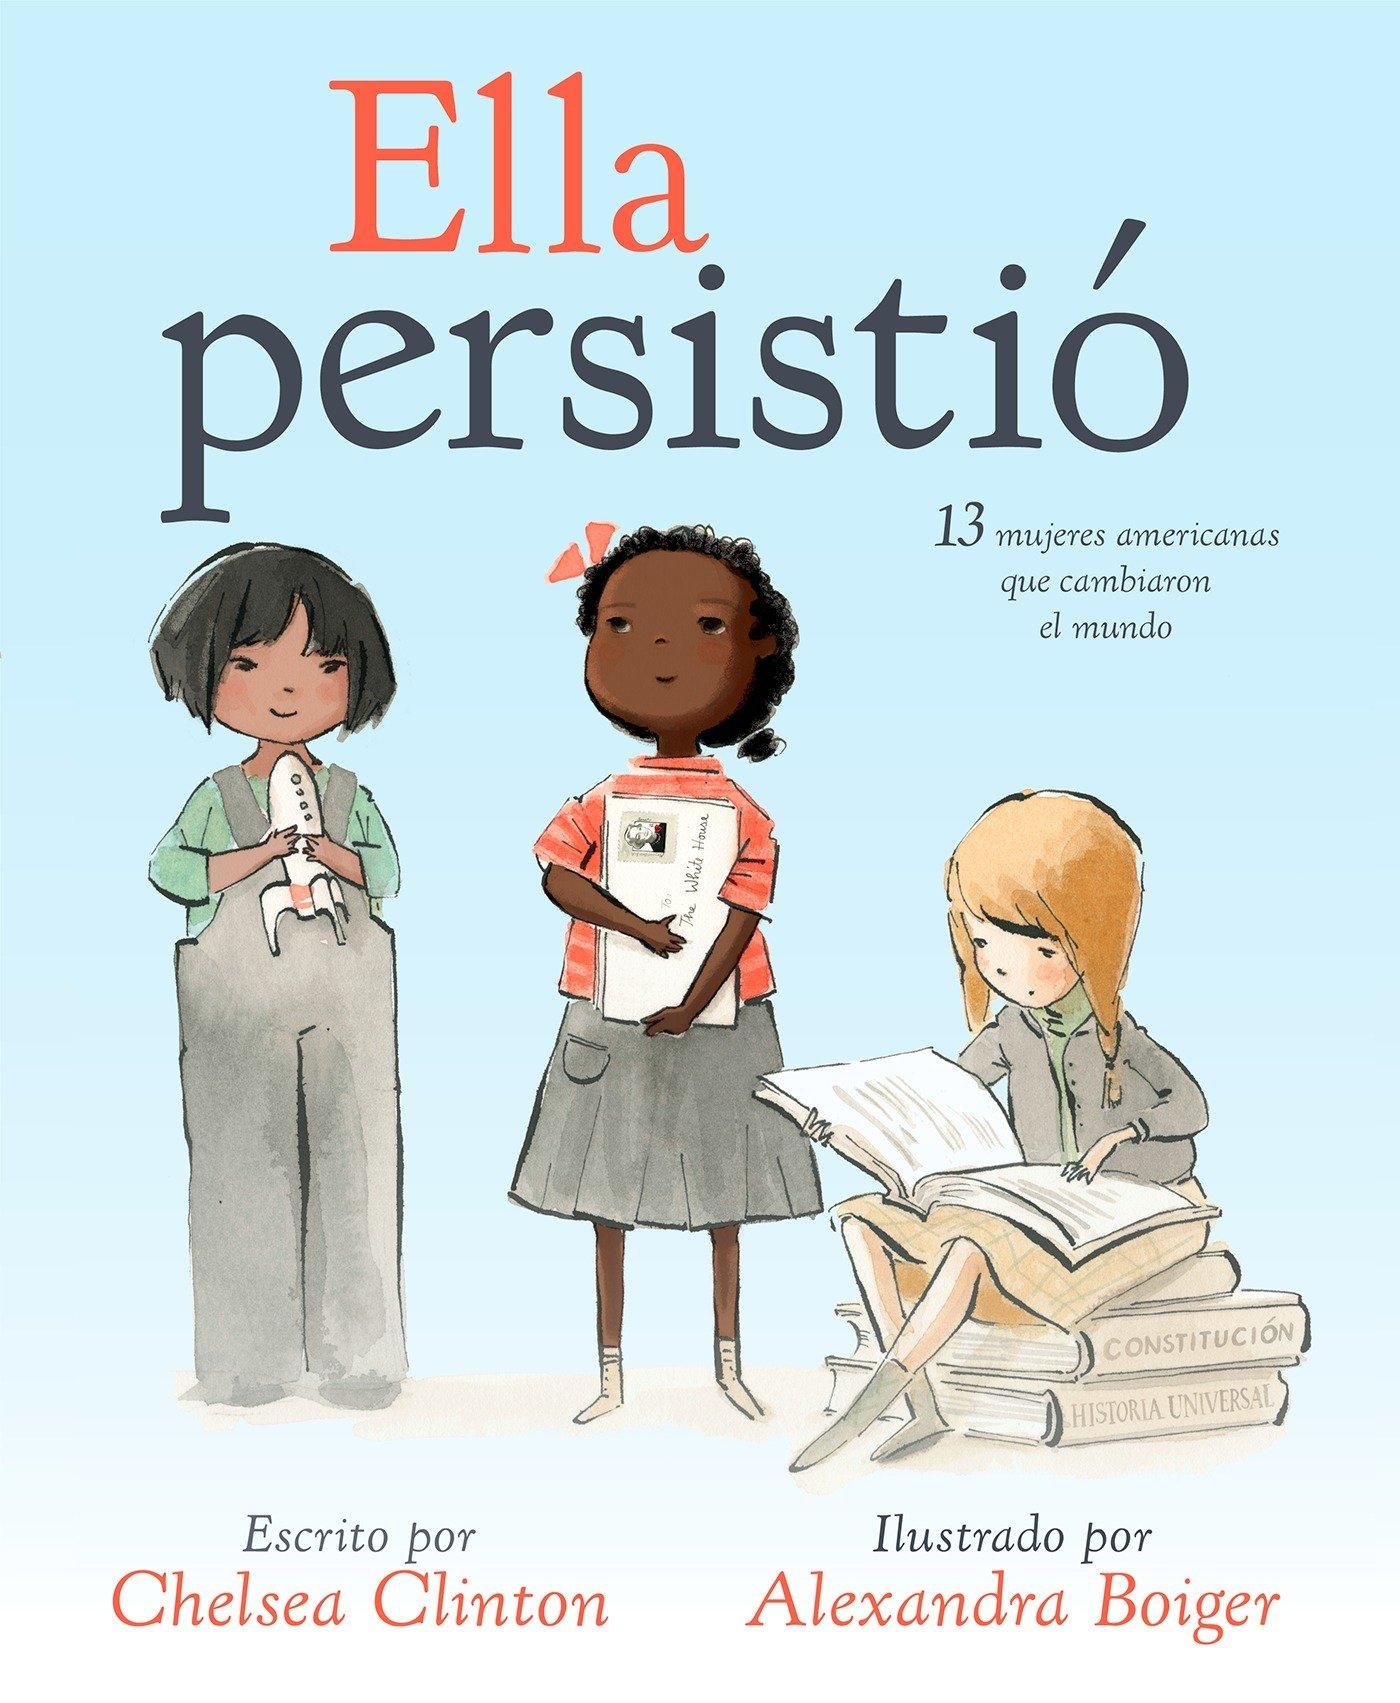 Ella persistió: 13 mujeres americanas que cambiaron el mundo (Spanish Edition) by Philomel Books